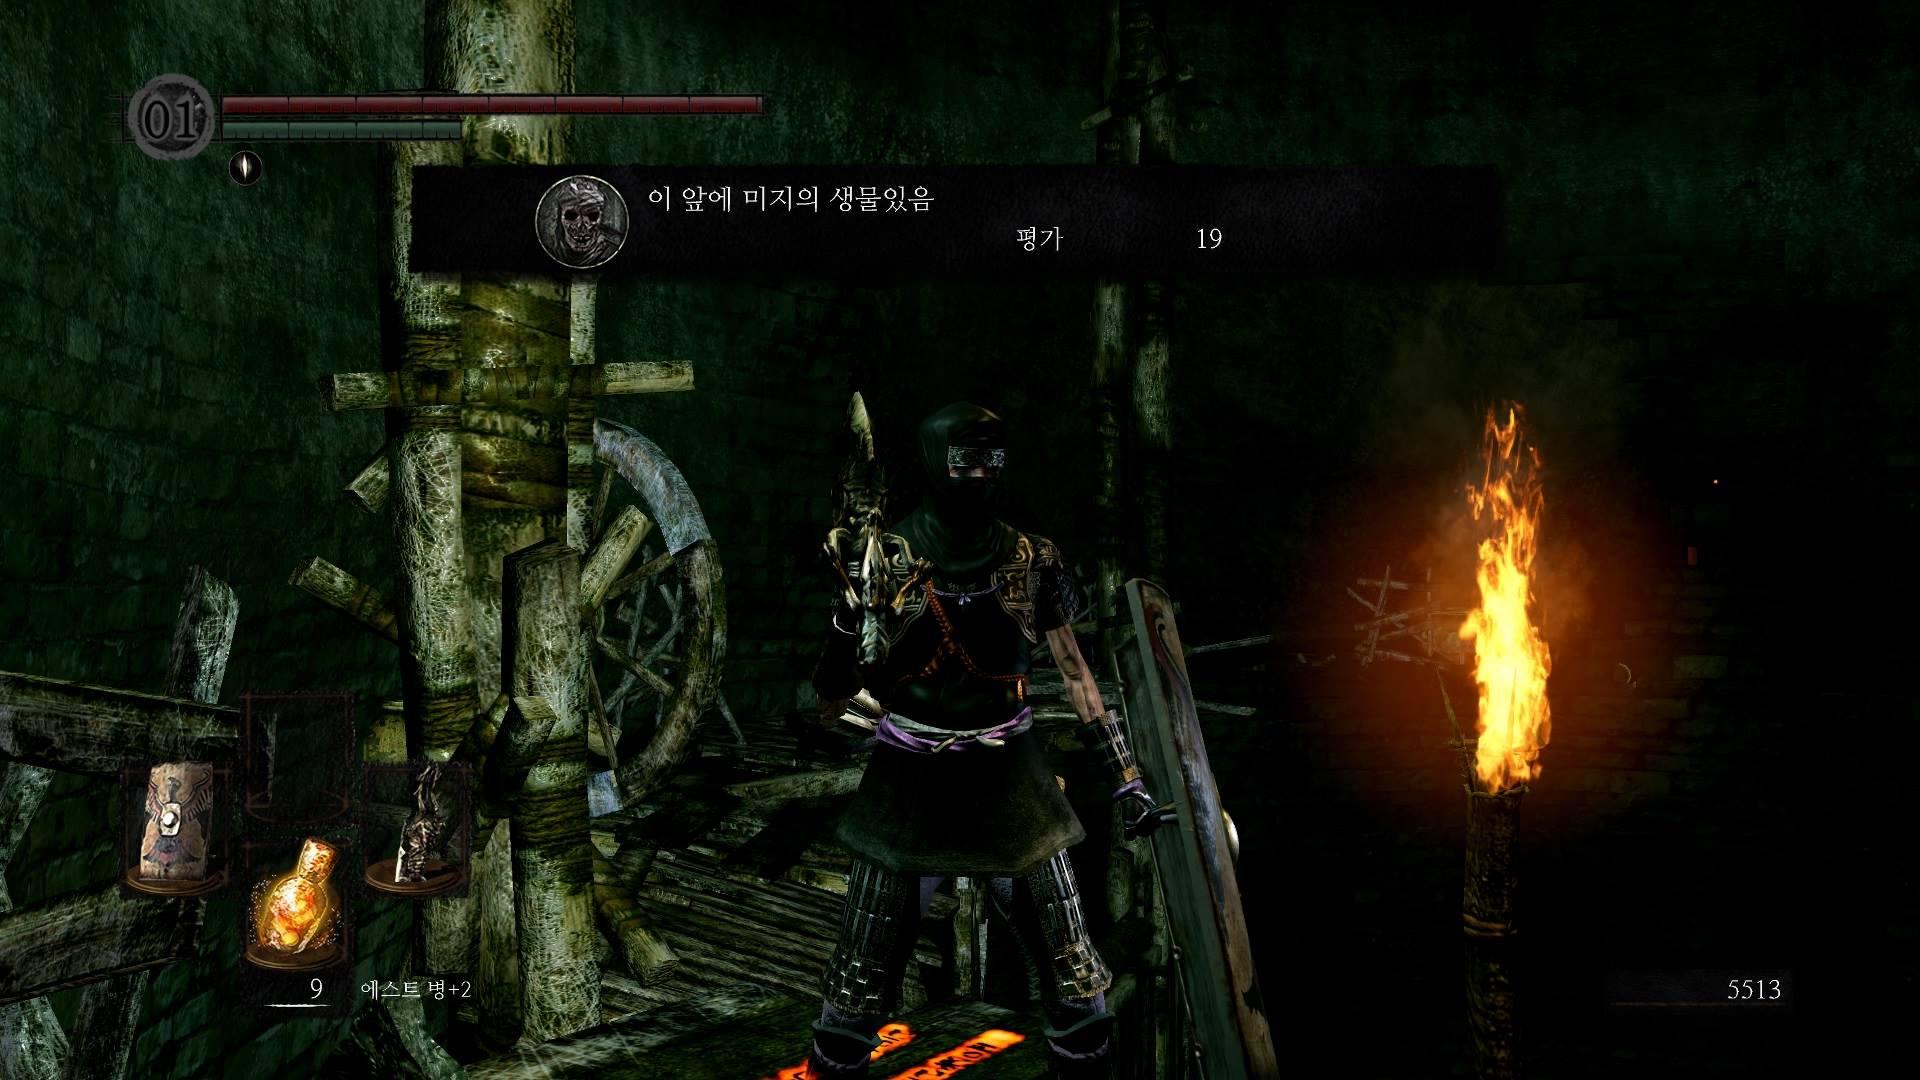 PS4 - 다크 소울 진행 중